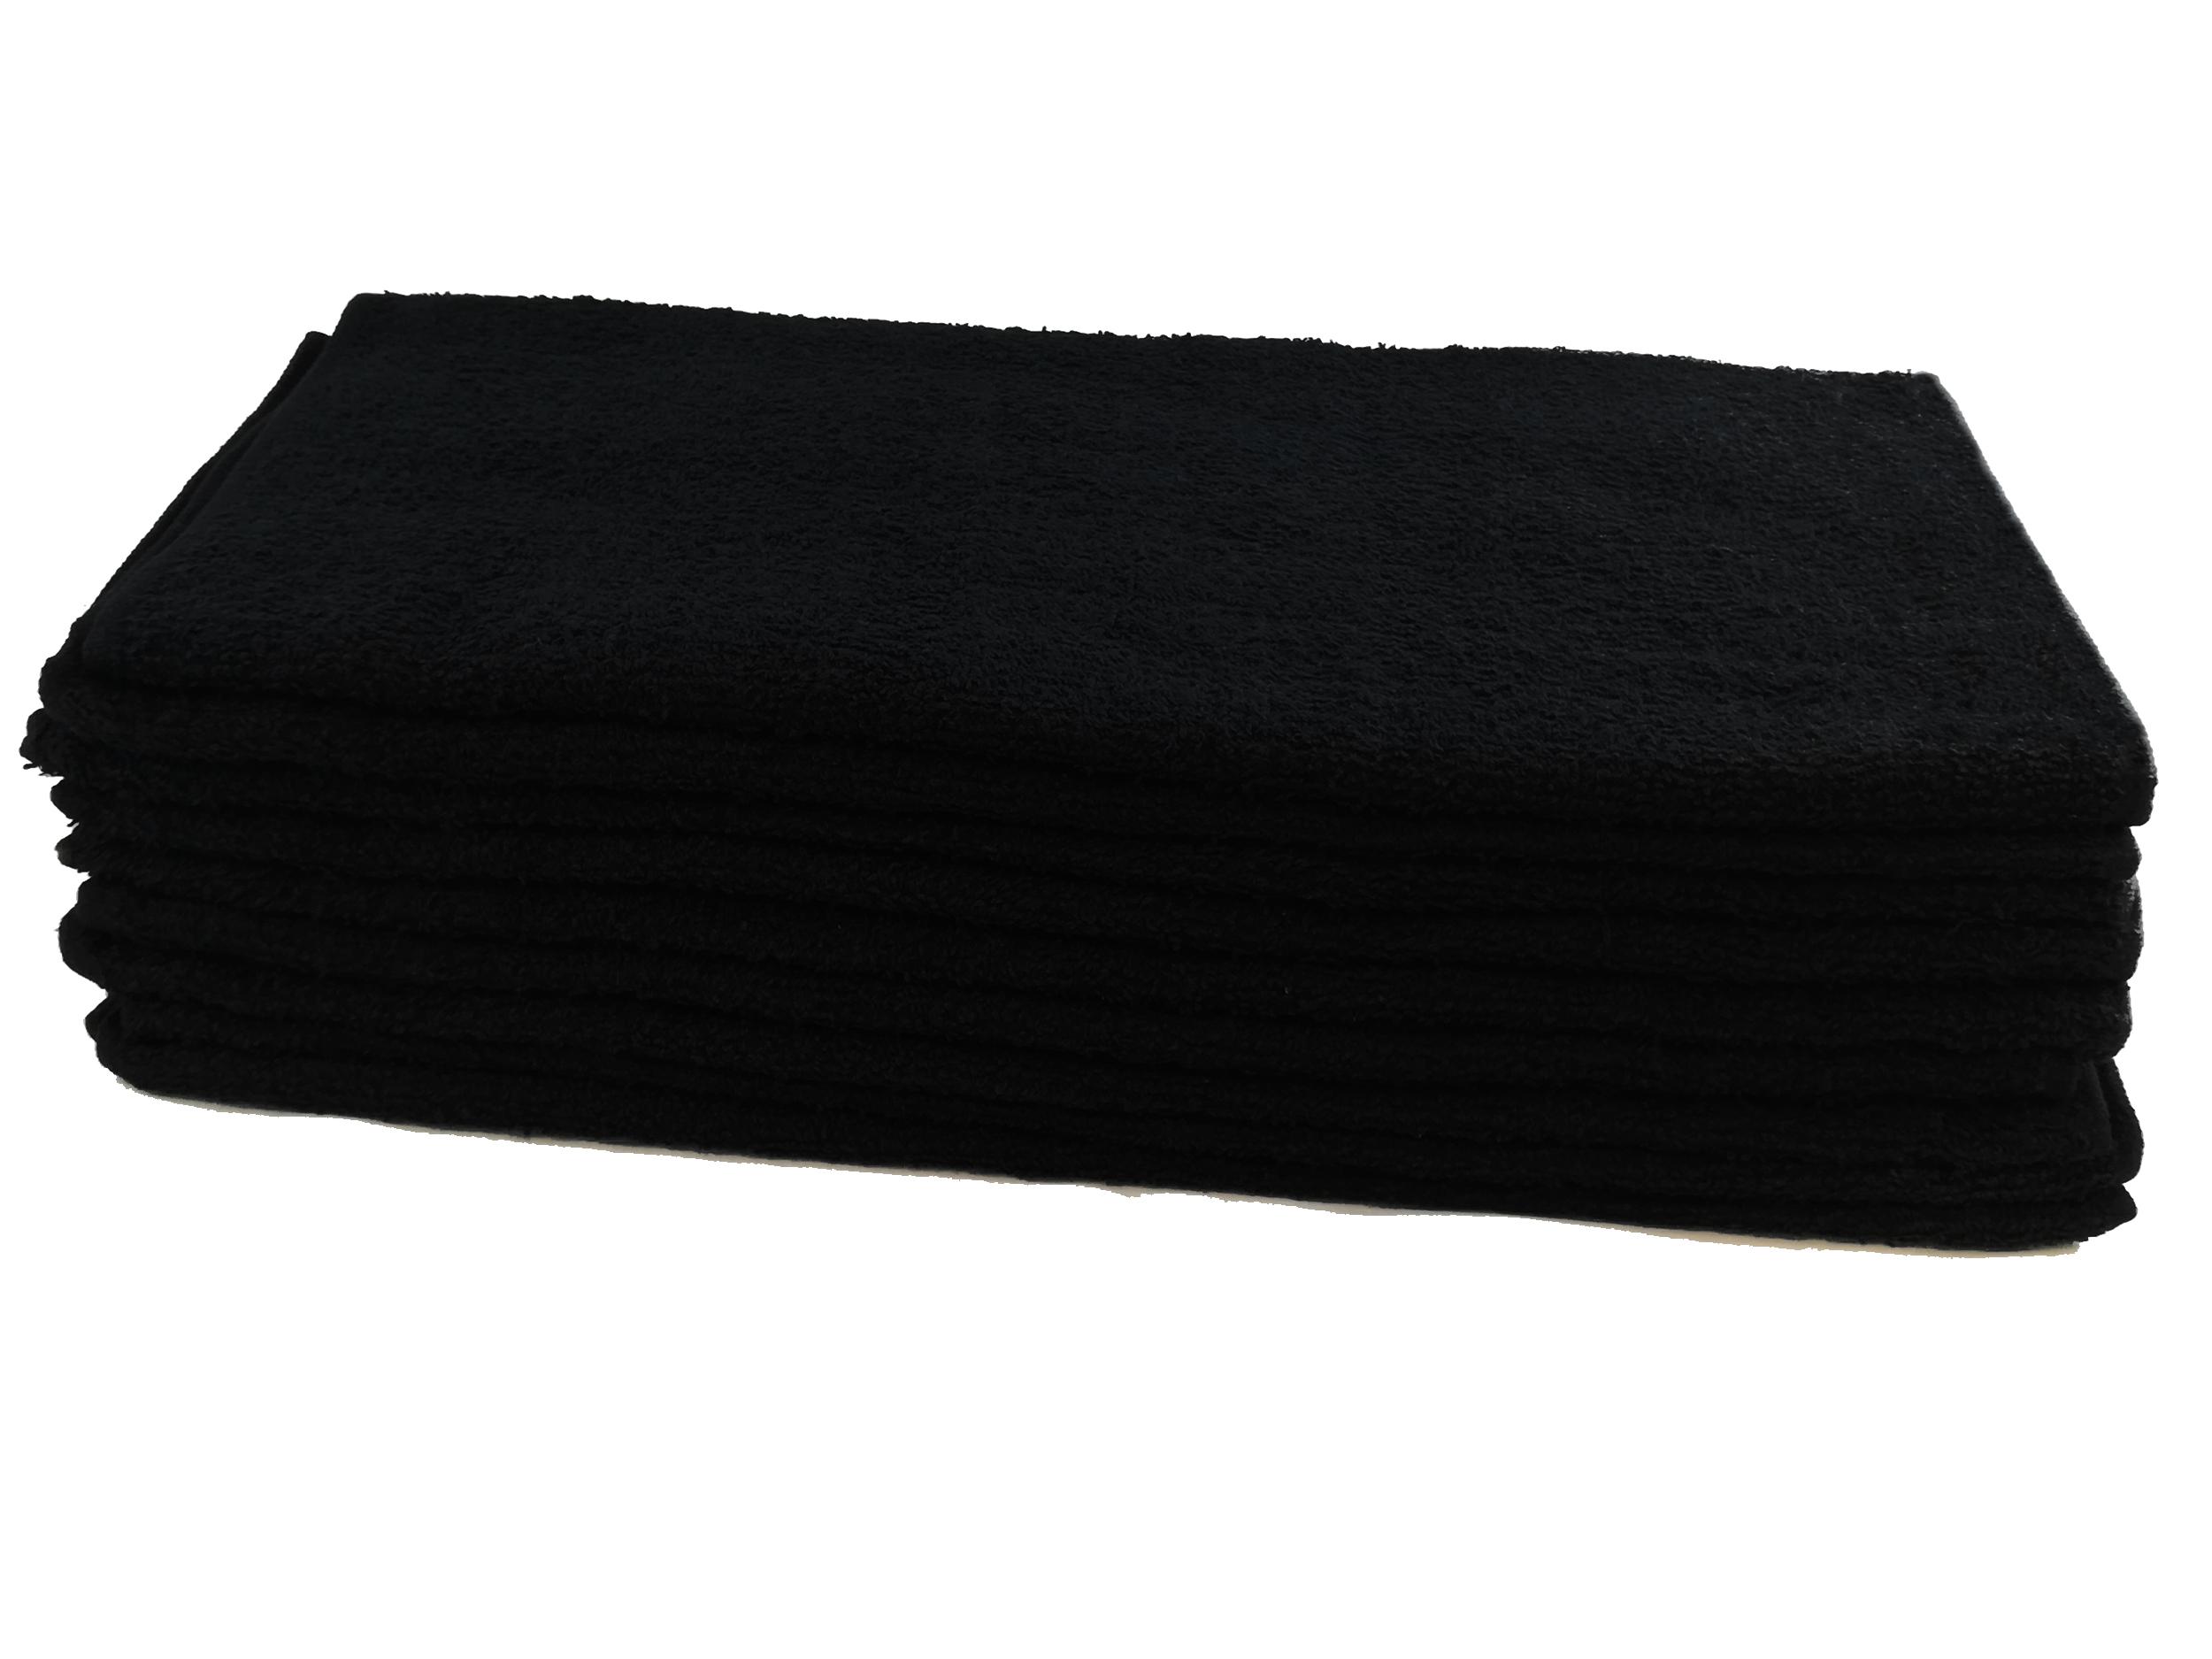 Toalla Negra Algodón